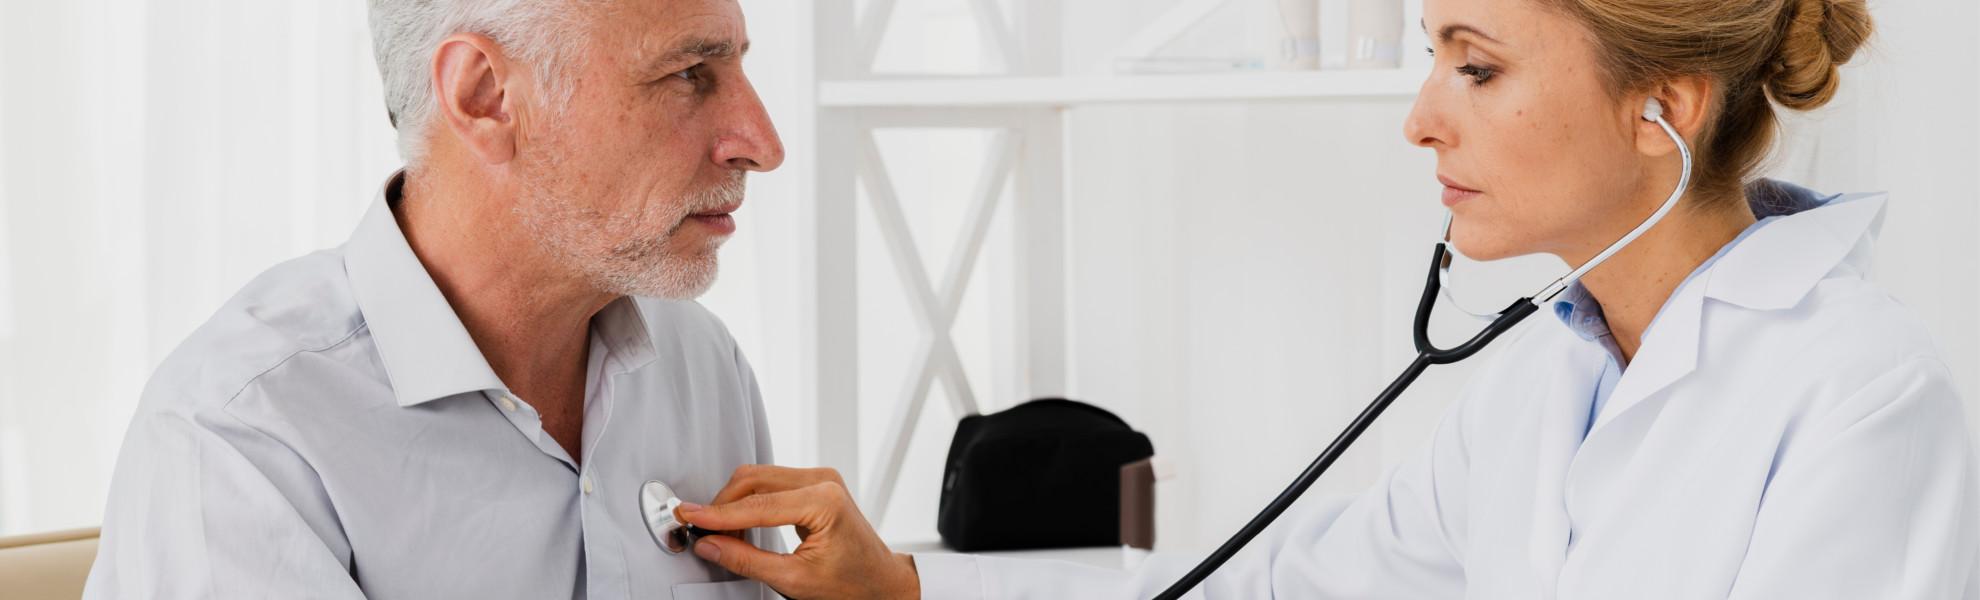 Pôle Oncologie & Spécialités médicales